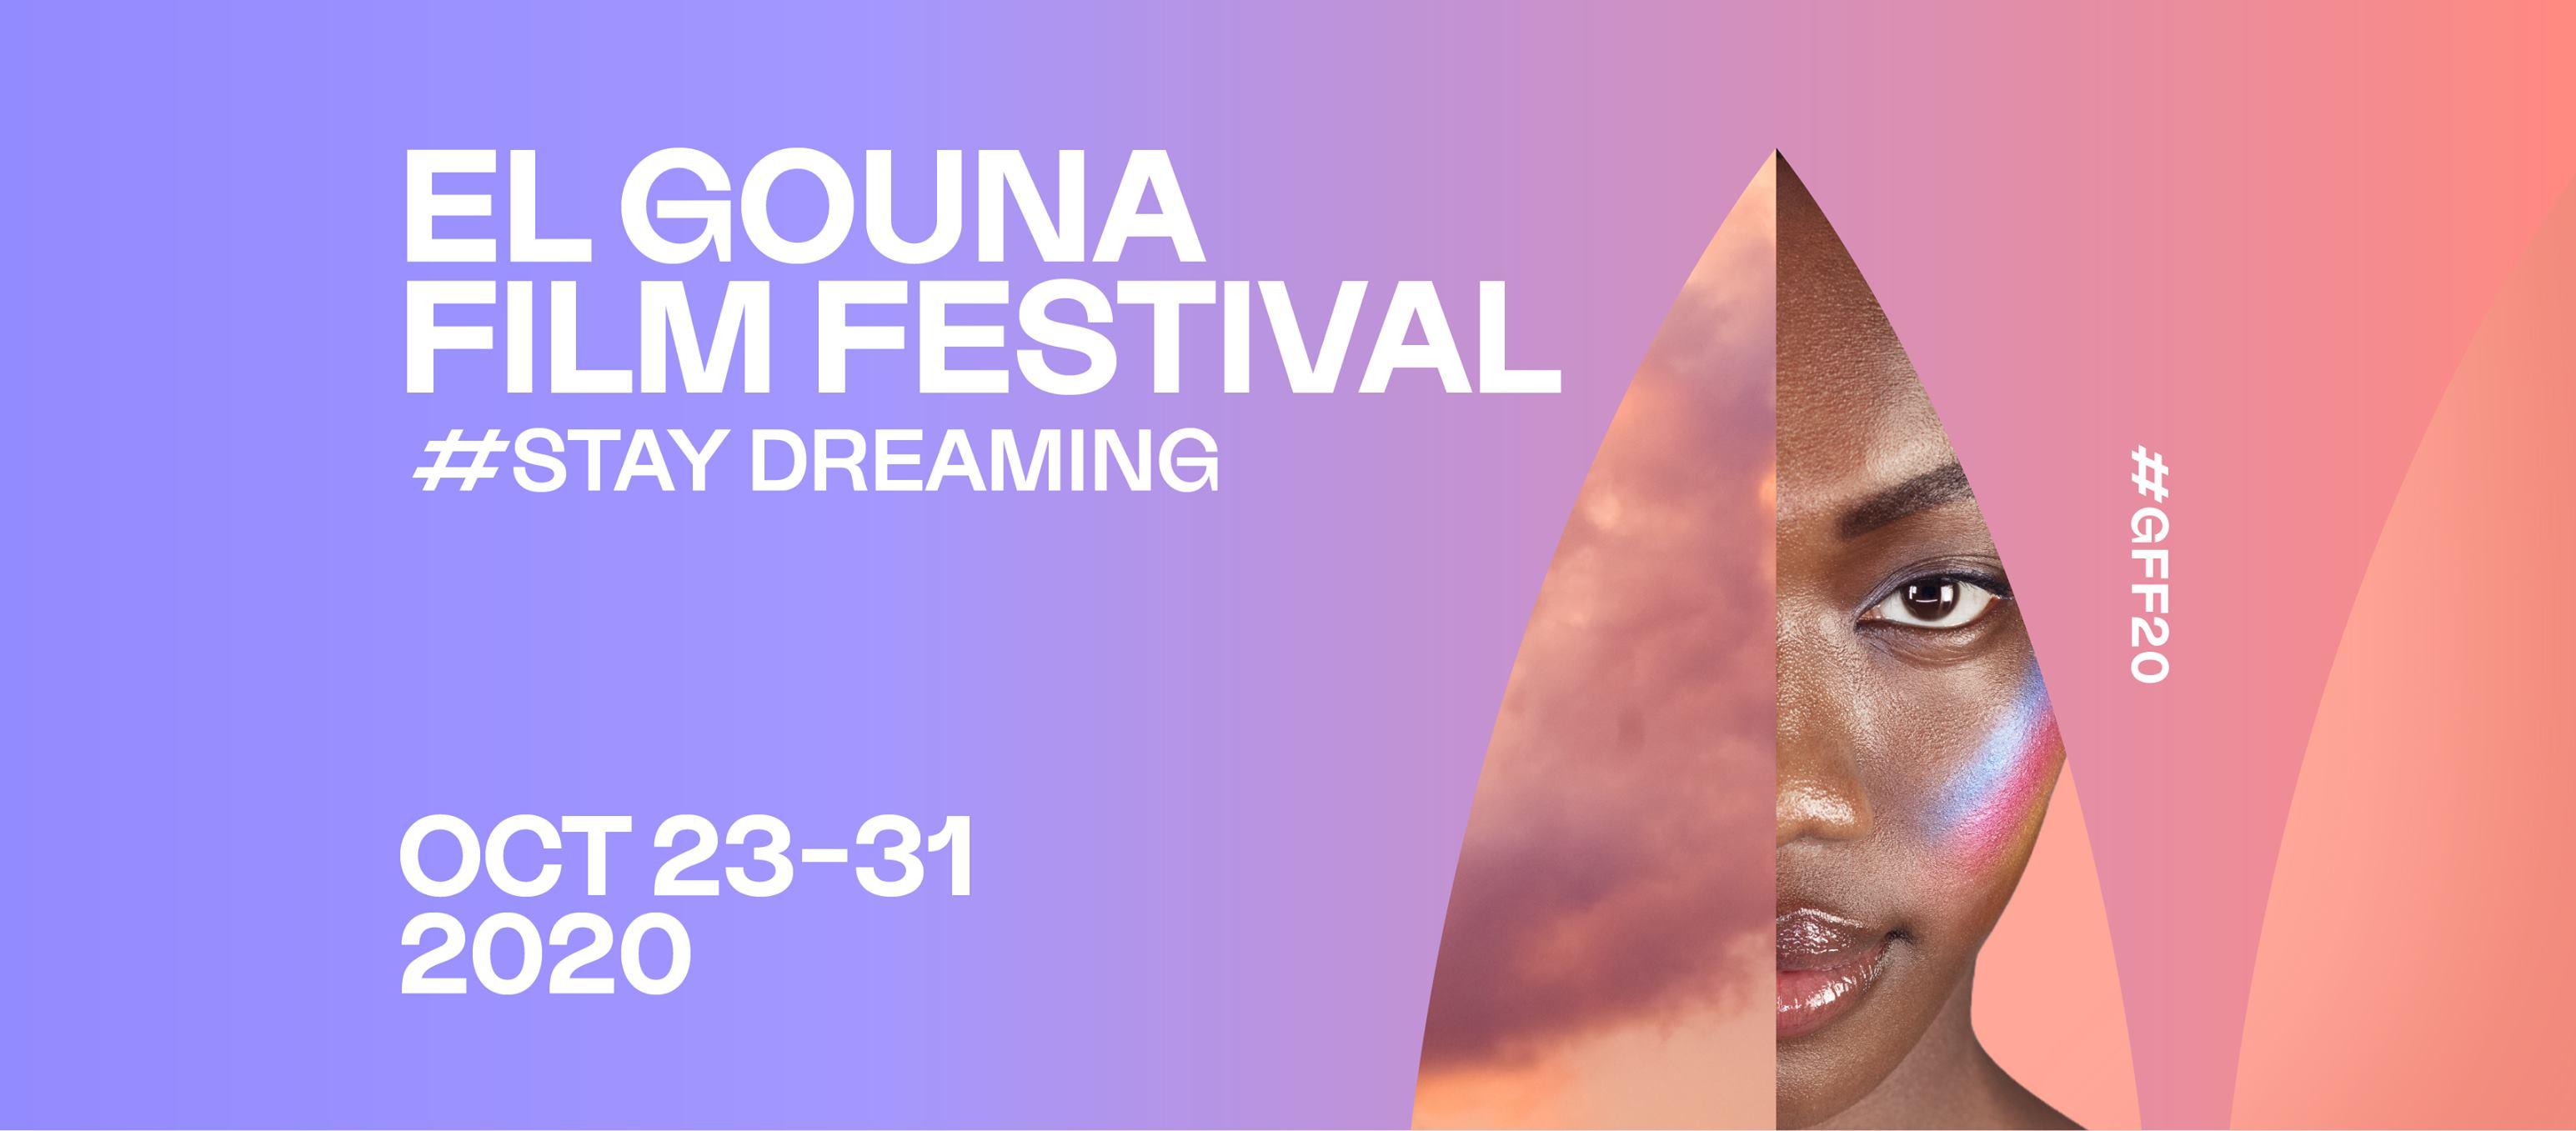 """فيلم """"ميكا"""" للمخرج المغربي إسماعيل فروخي يشارك في المسابقة الرسمية لمهرجان الجونة السينمائي"""